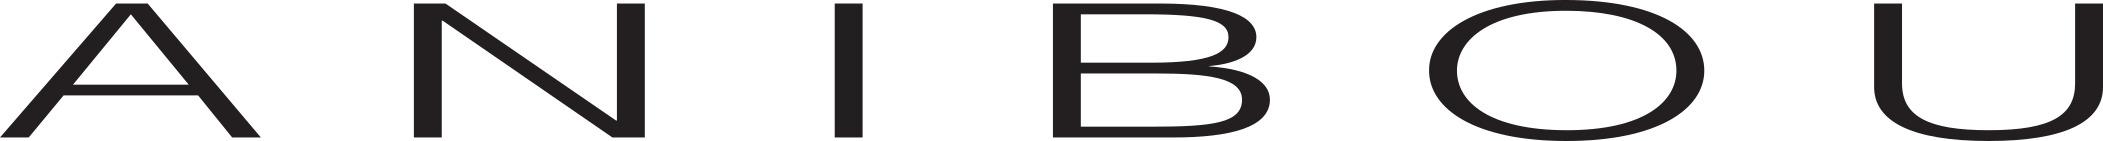 Anibou logo